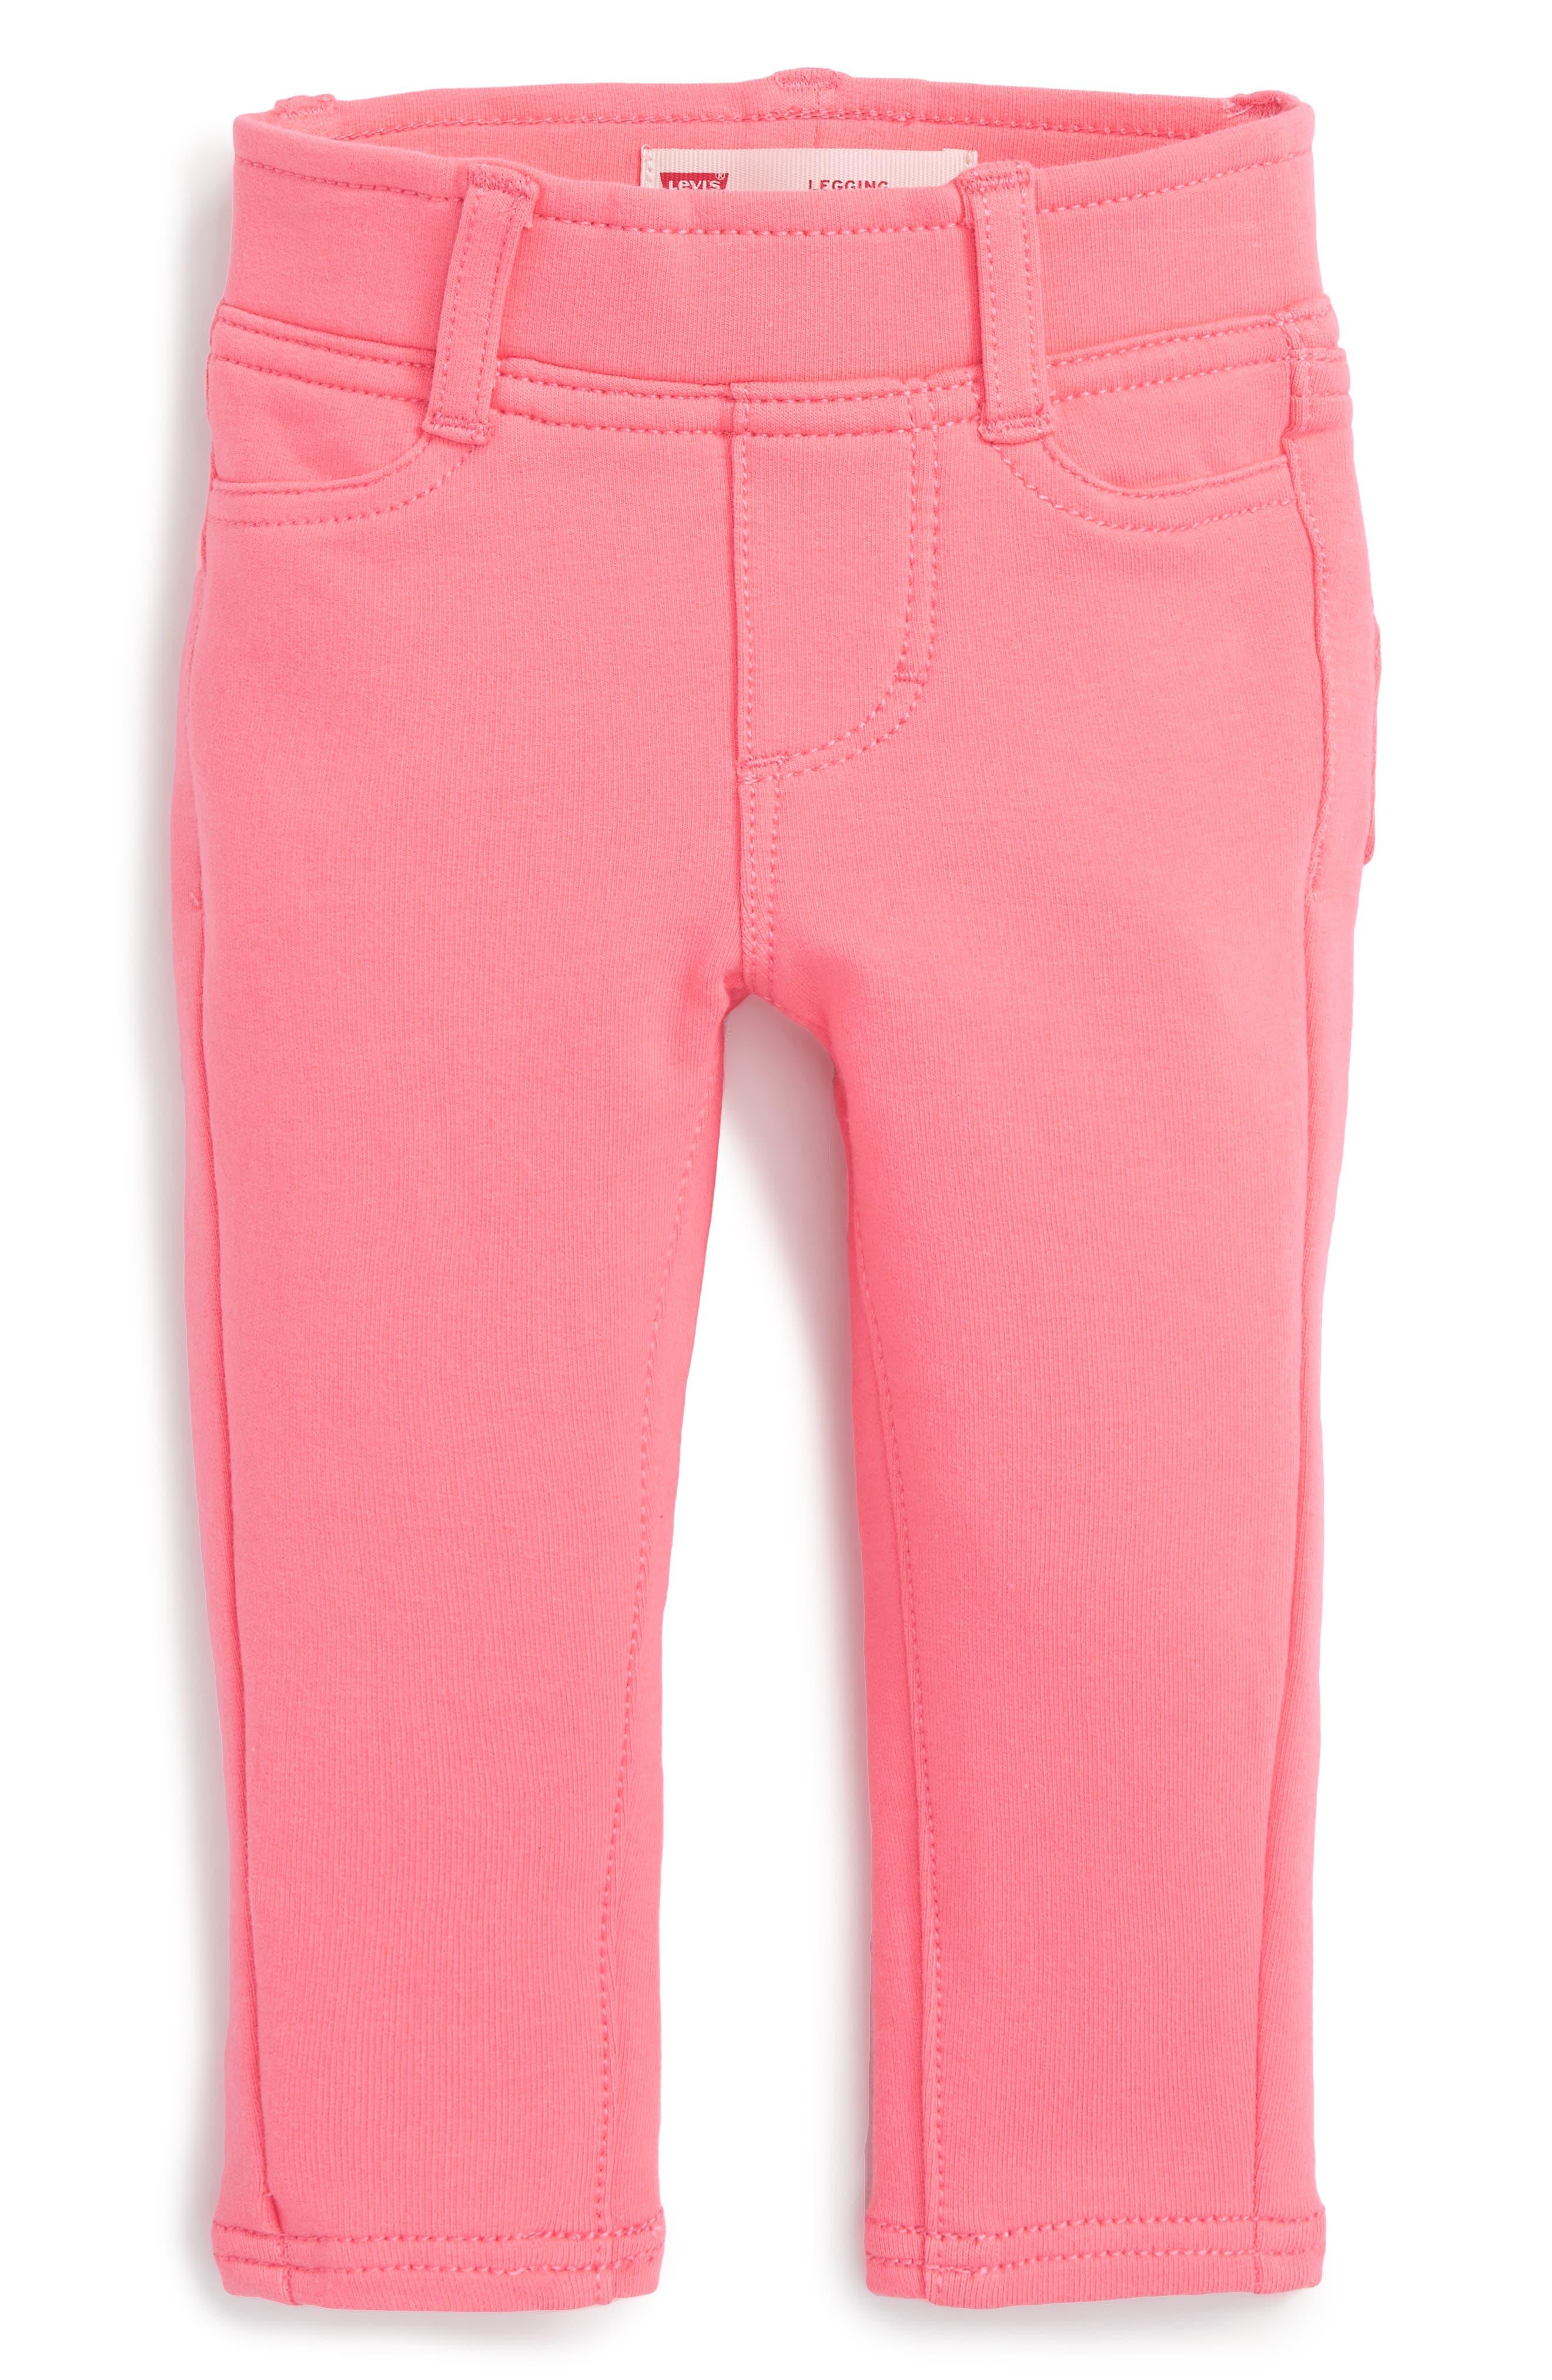 Haley May Leggings,                             Main thumbnail 1, color,                             Strawberry Pink